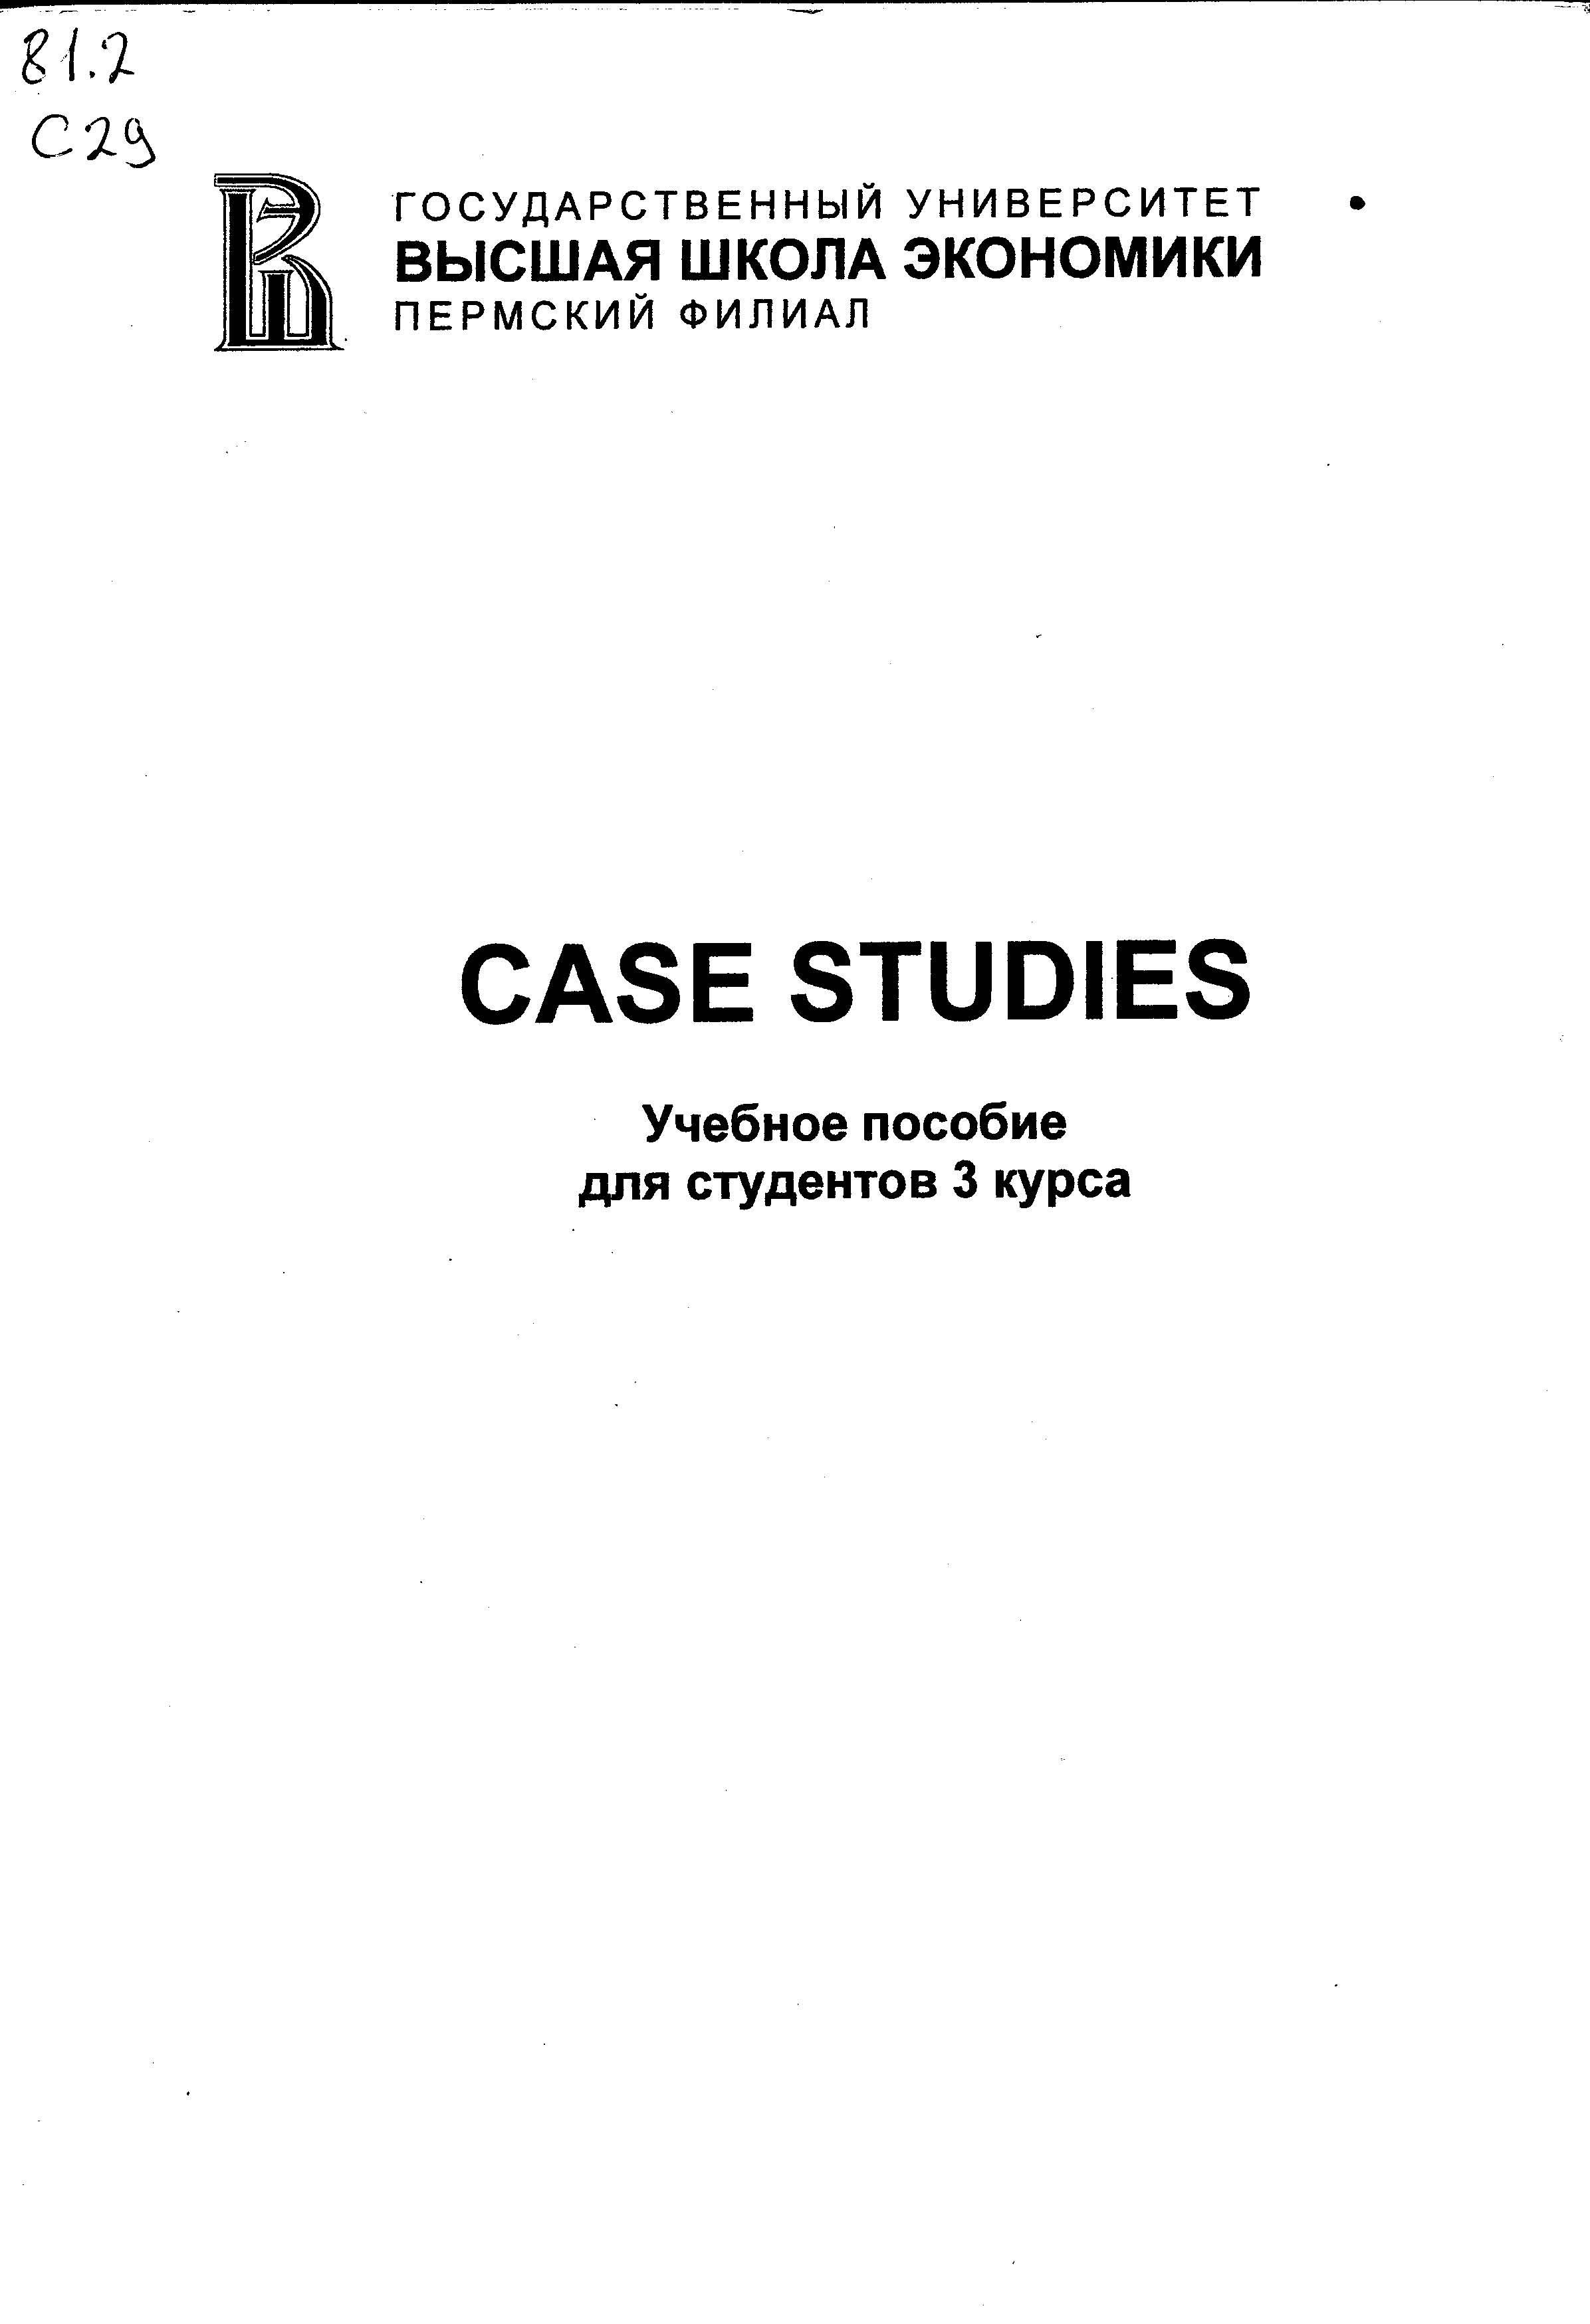 Case Studies: Учебное пособие для студентов 3 курса Пермского филиала ГУ ВШЭ